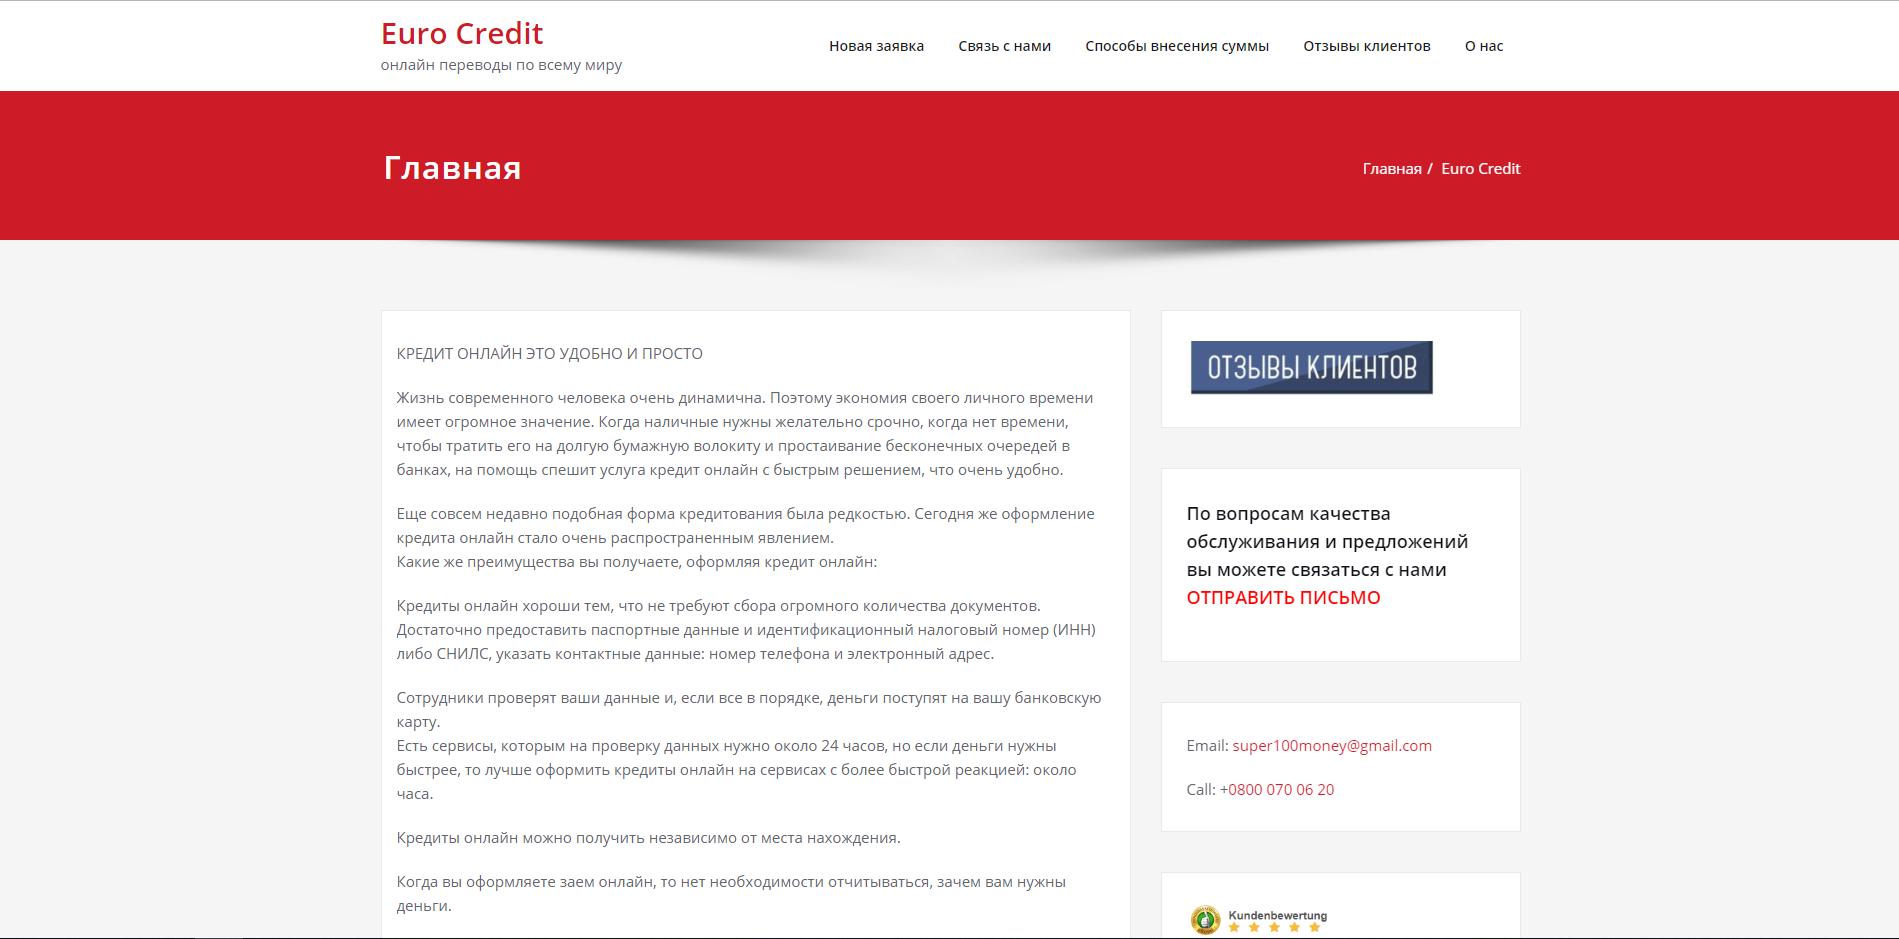 Кредит онлайн без email